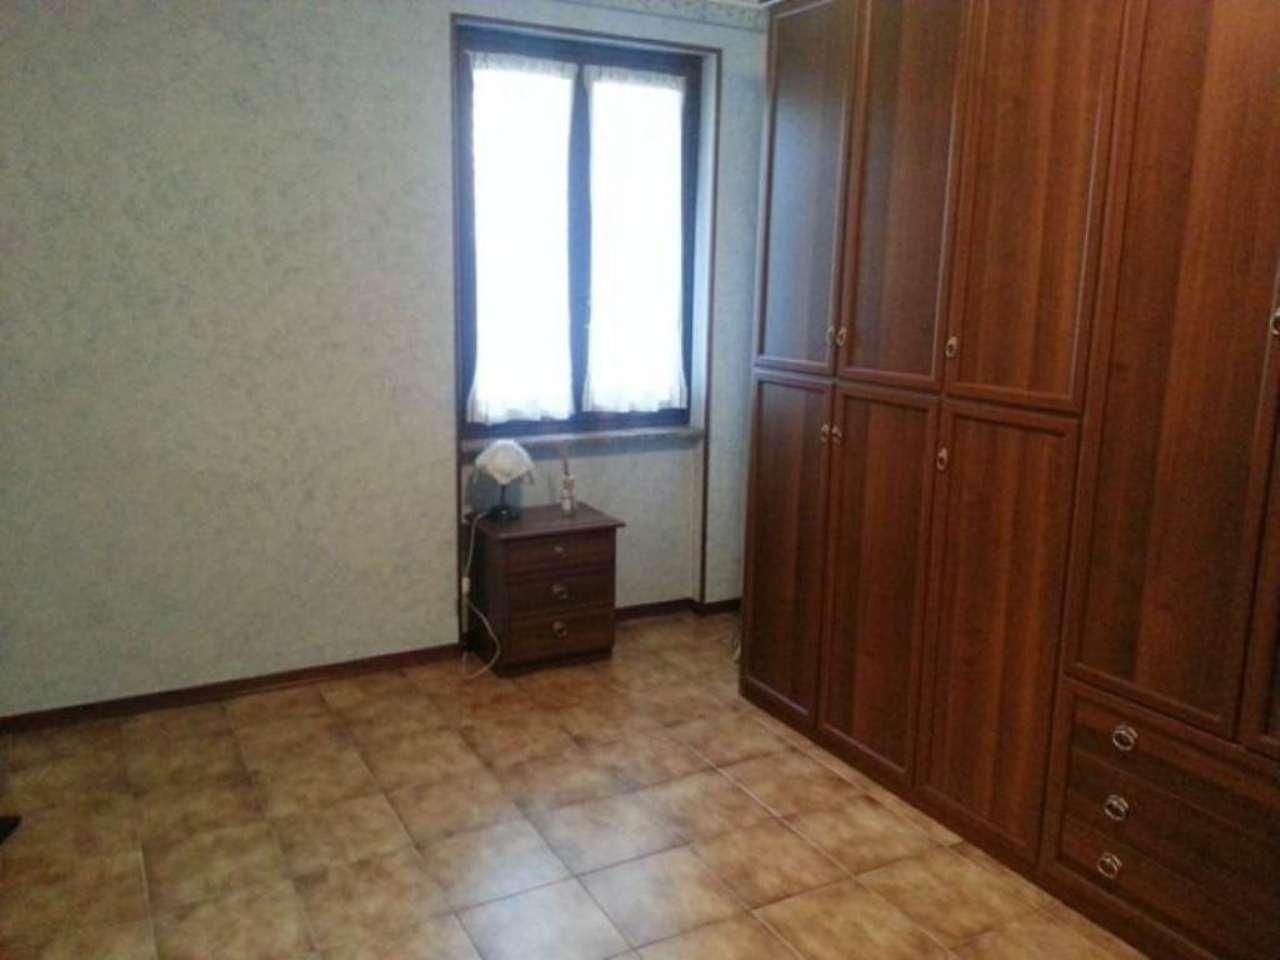 Affitto  bilocale Castiglione Torinese Via Fermi 1 968412